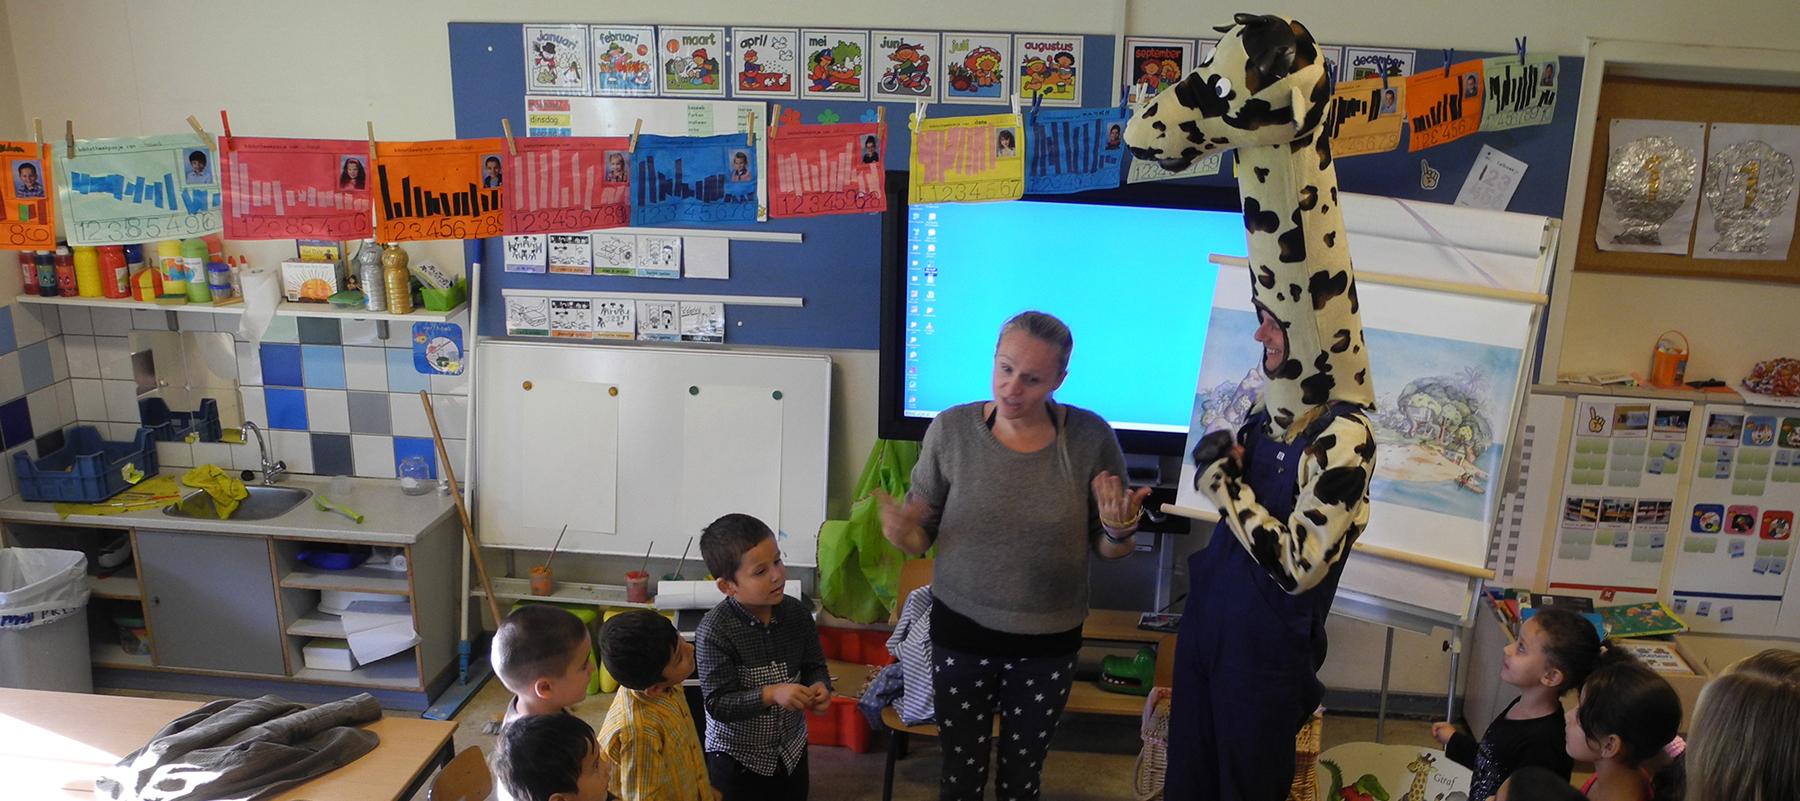 Giraf leert fietsen op schoolbezoek